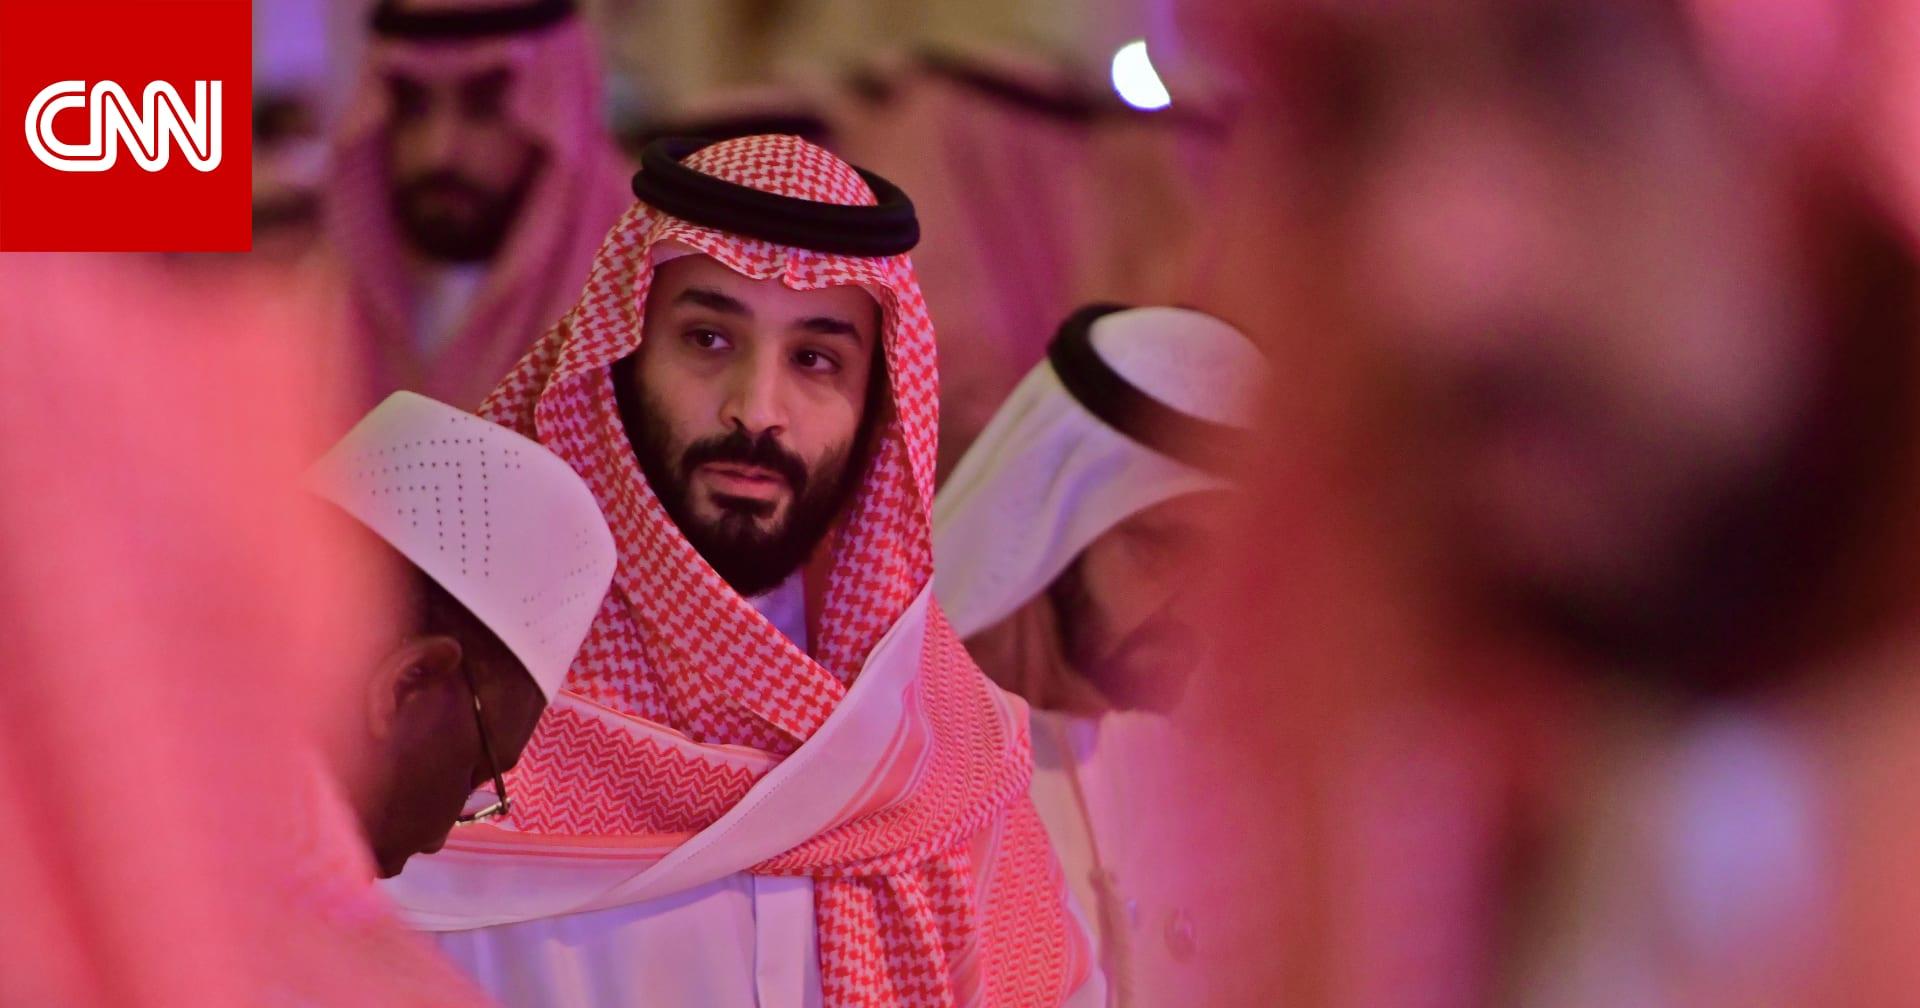 """ضاحي خلفان يُذكر بحديث محمد بن سلمان عن الحوثيين: """"قائد مدرك فطن"""""""